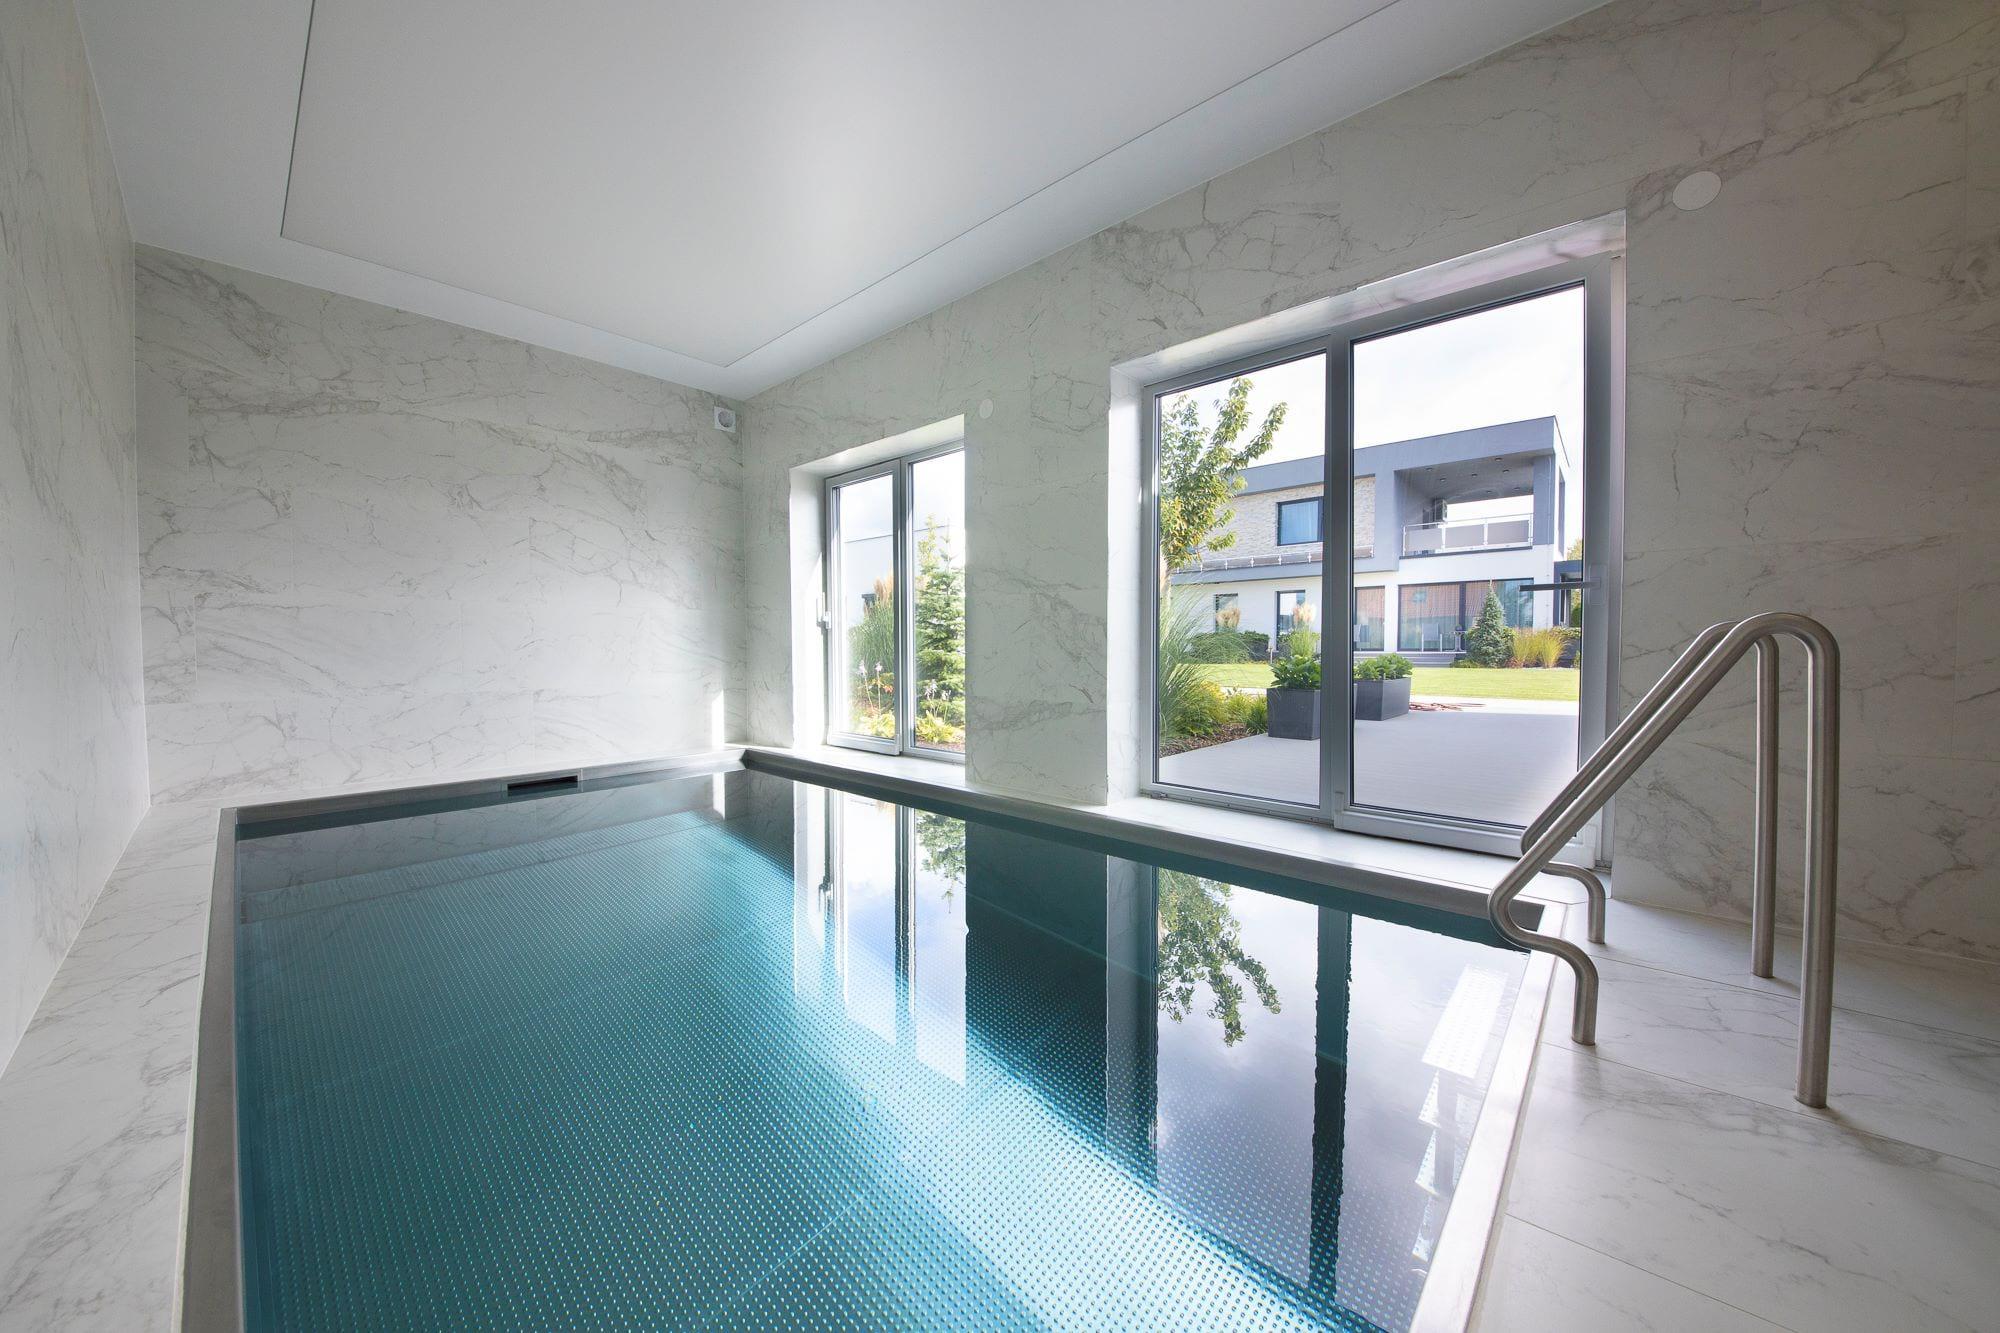 Interiérový skimmerový bazén s přiznanou nerezovou hranou